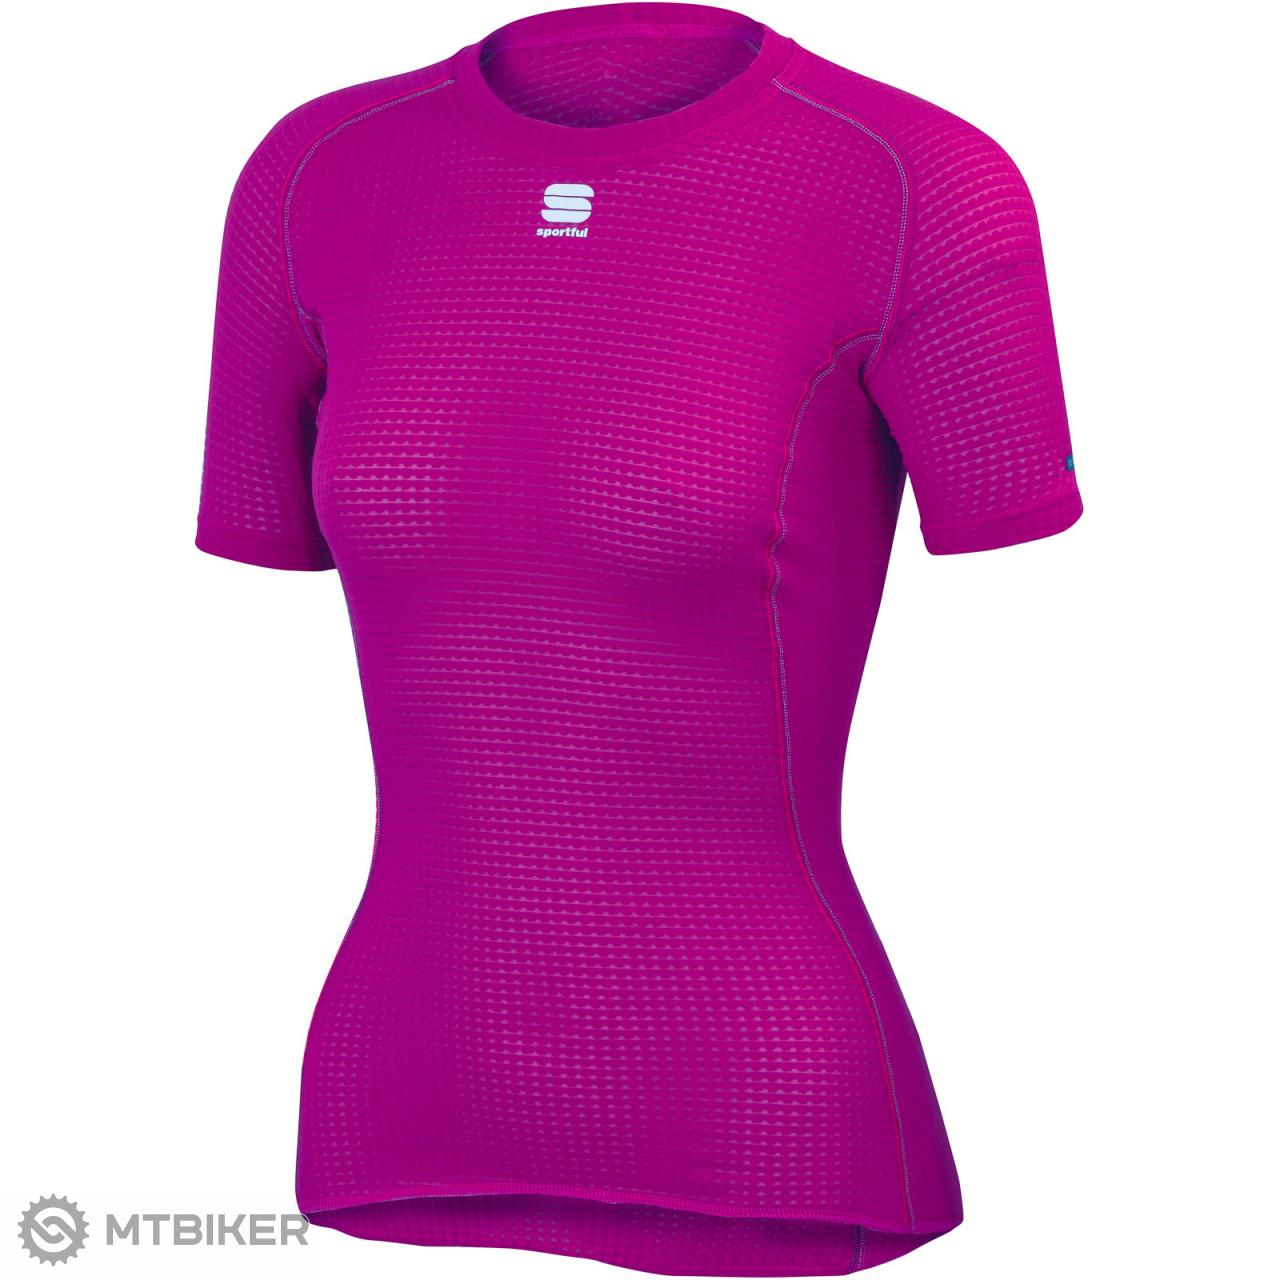 55481e139 Sportful Bodyfit Pro dámske funkčné tričko KR slivková - MTBIKER Shop